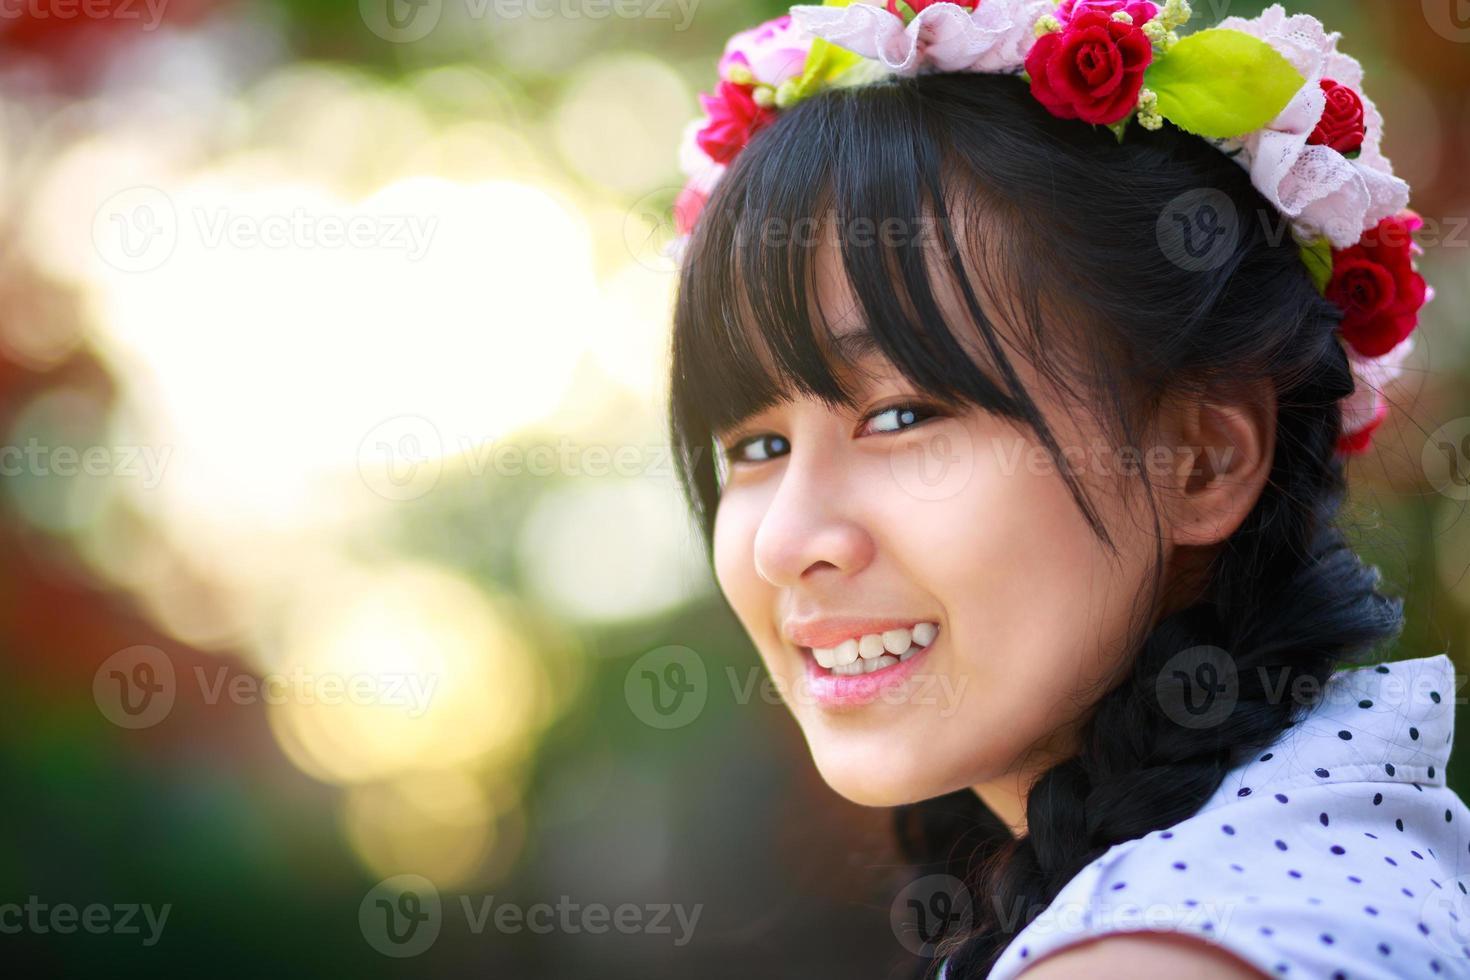 bella adolescente sorridente foto